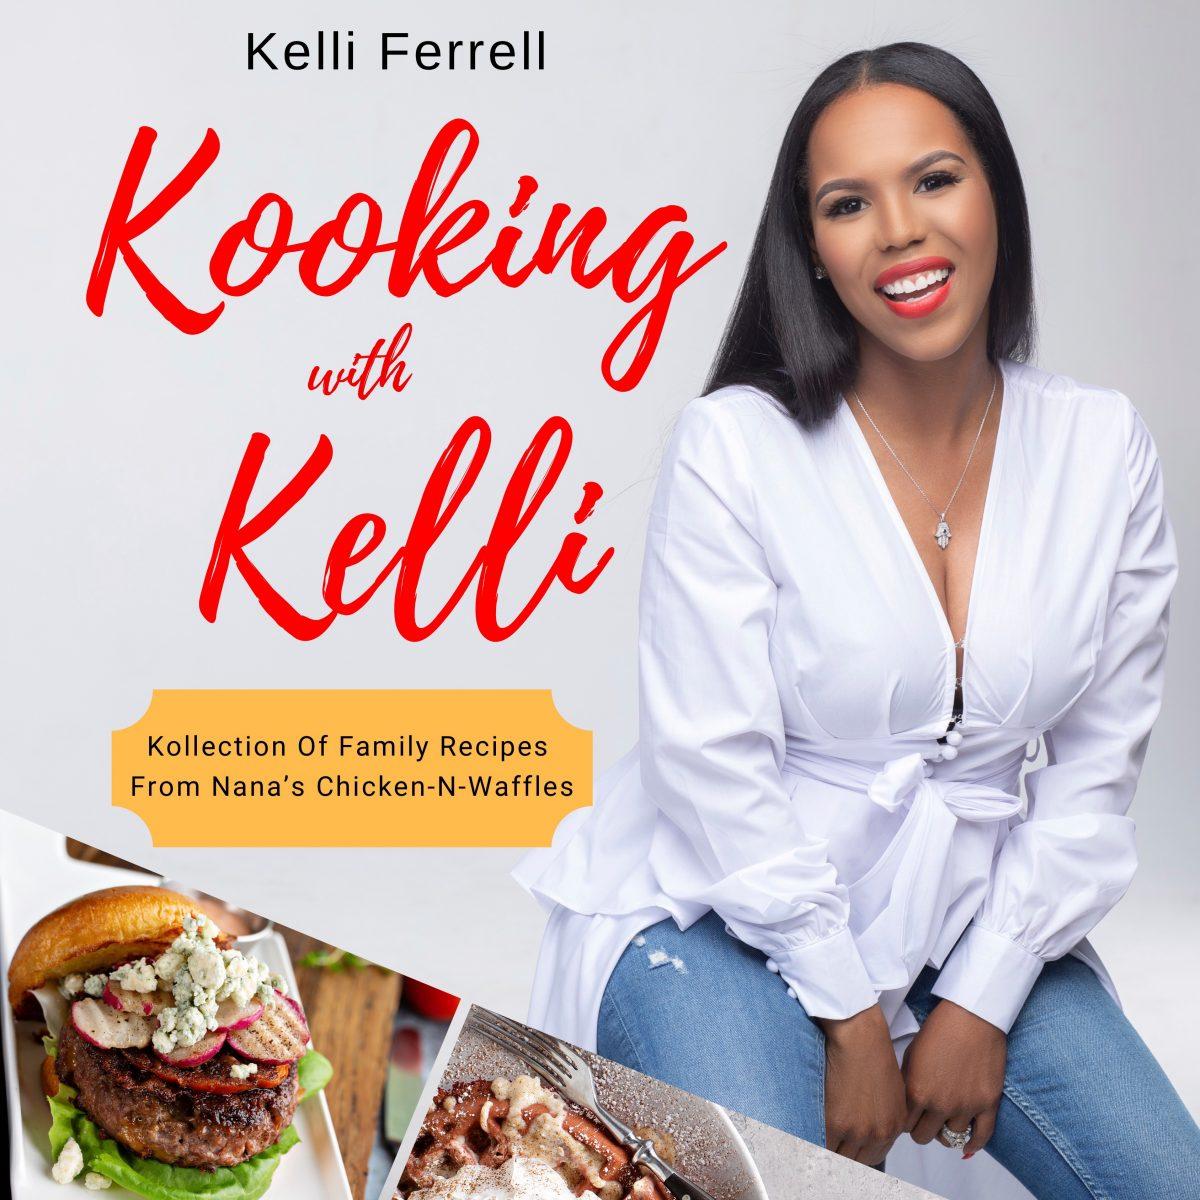 Kelli Ferrell Savors Family Recipes at Nana's Chicken-N-Waffles